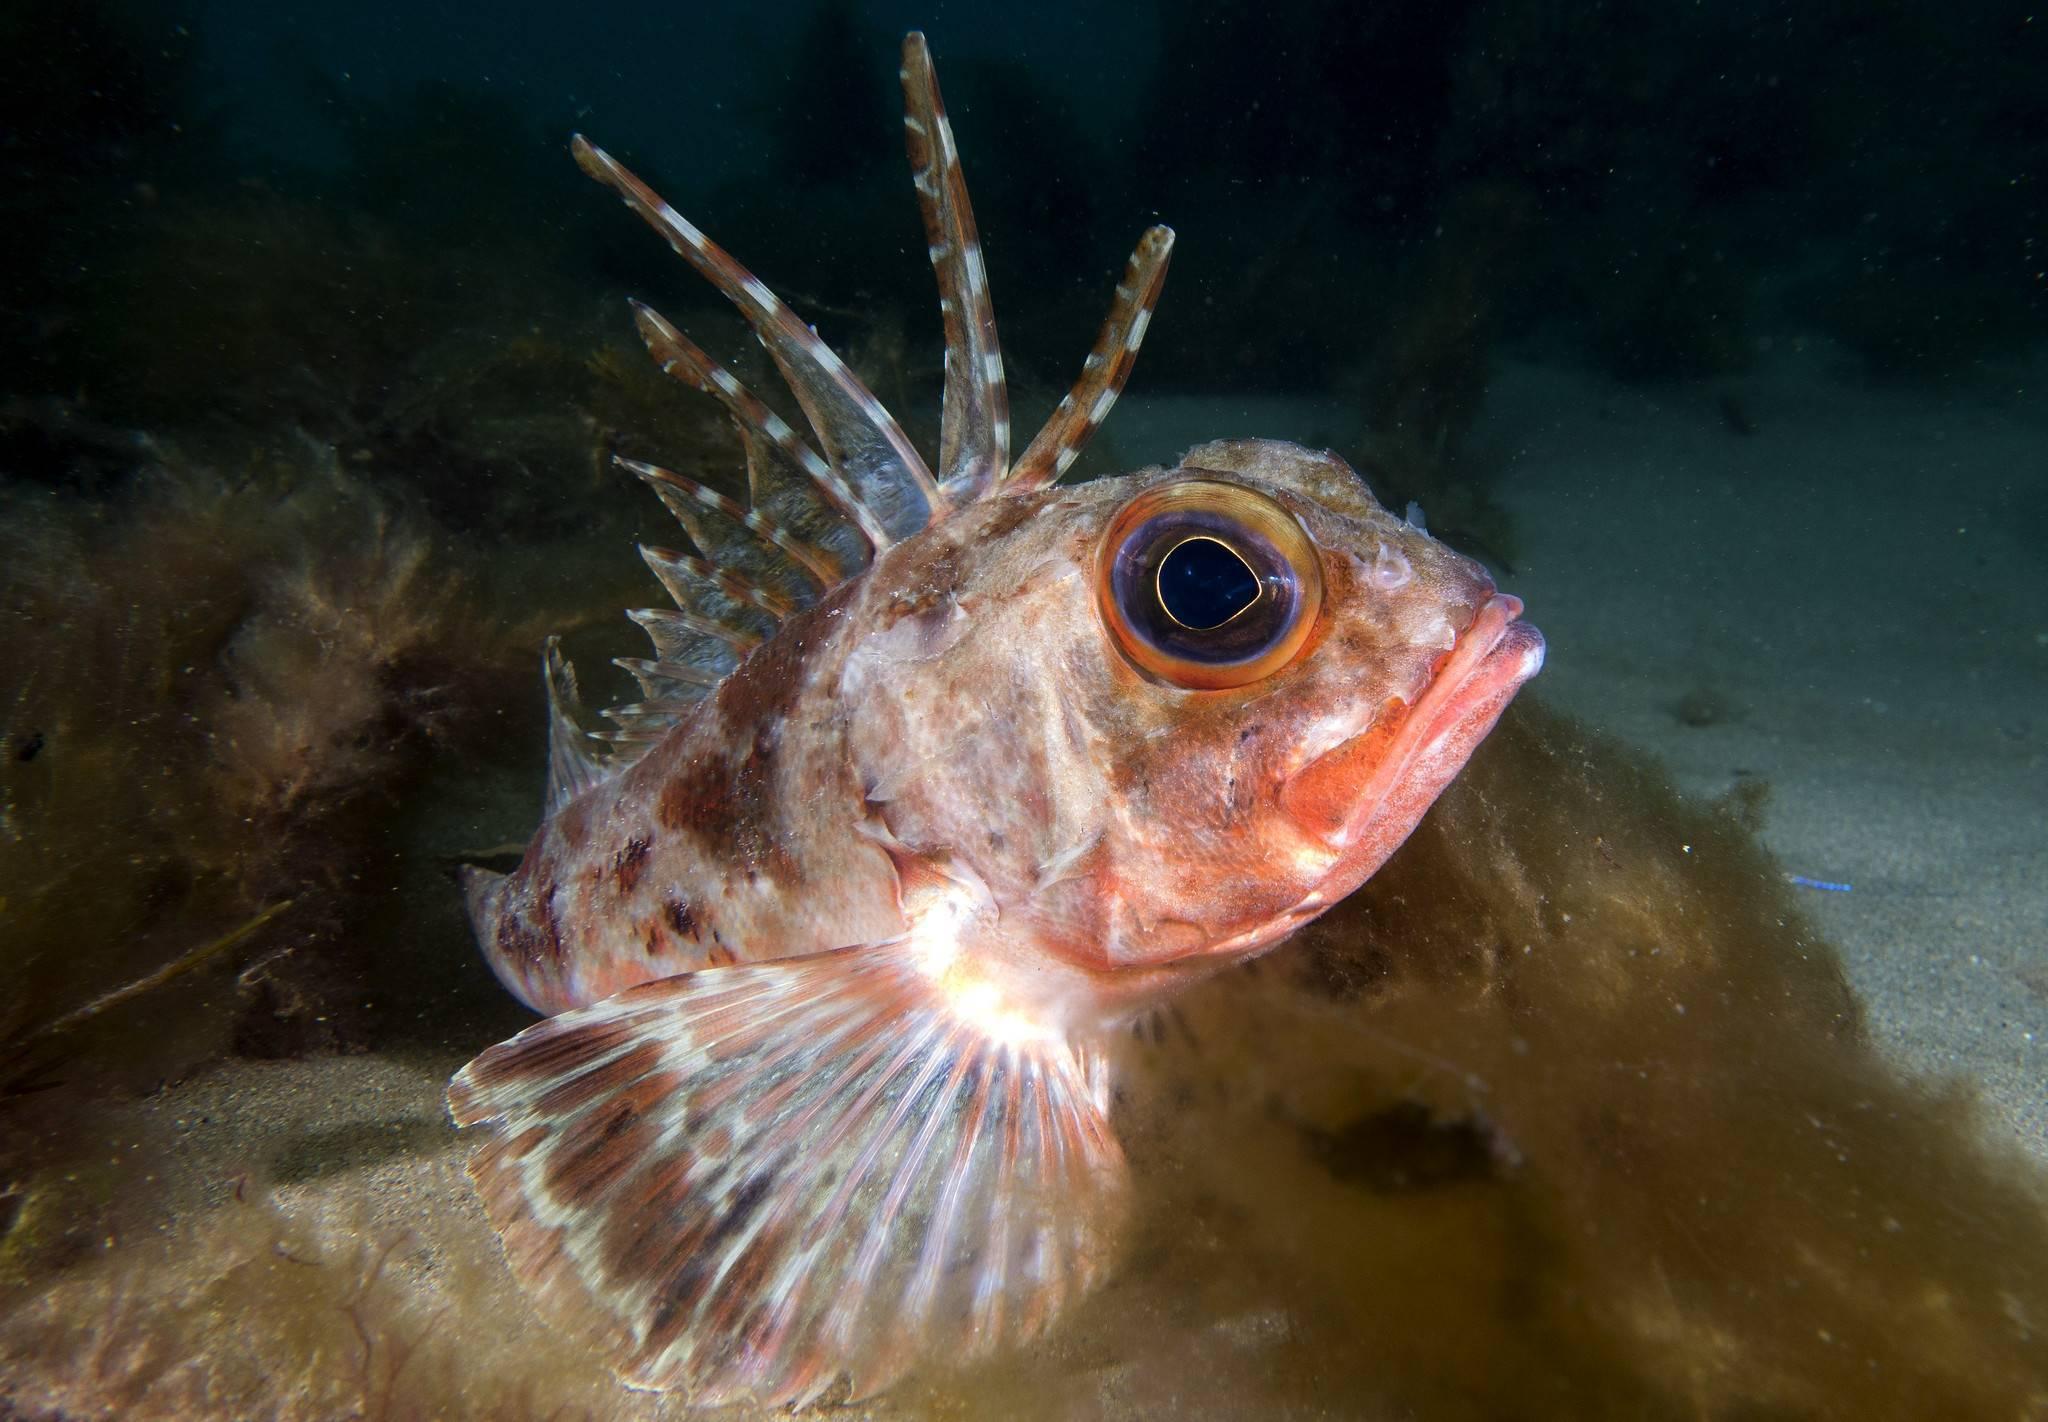 Морской окунь: особенности рыбы, тактика ловли, вкусовые качества